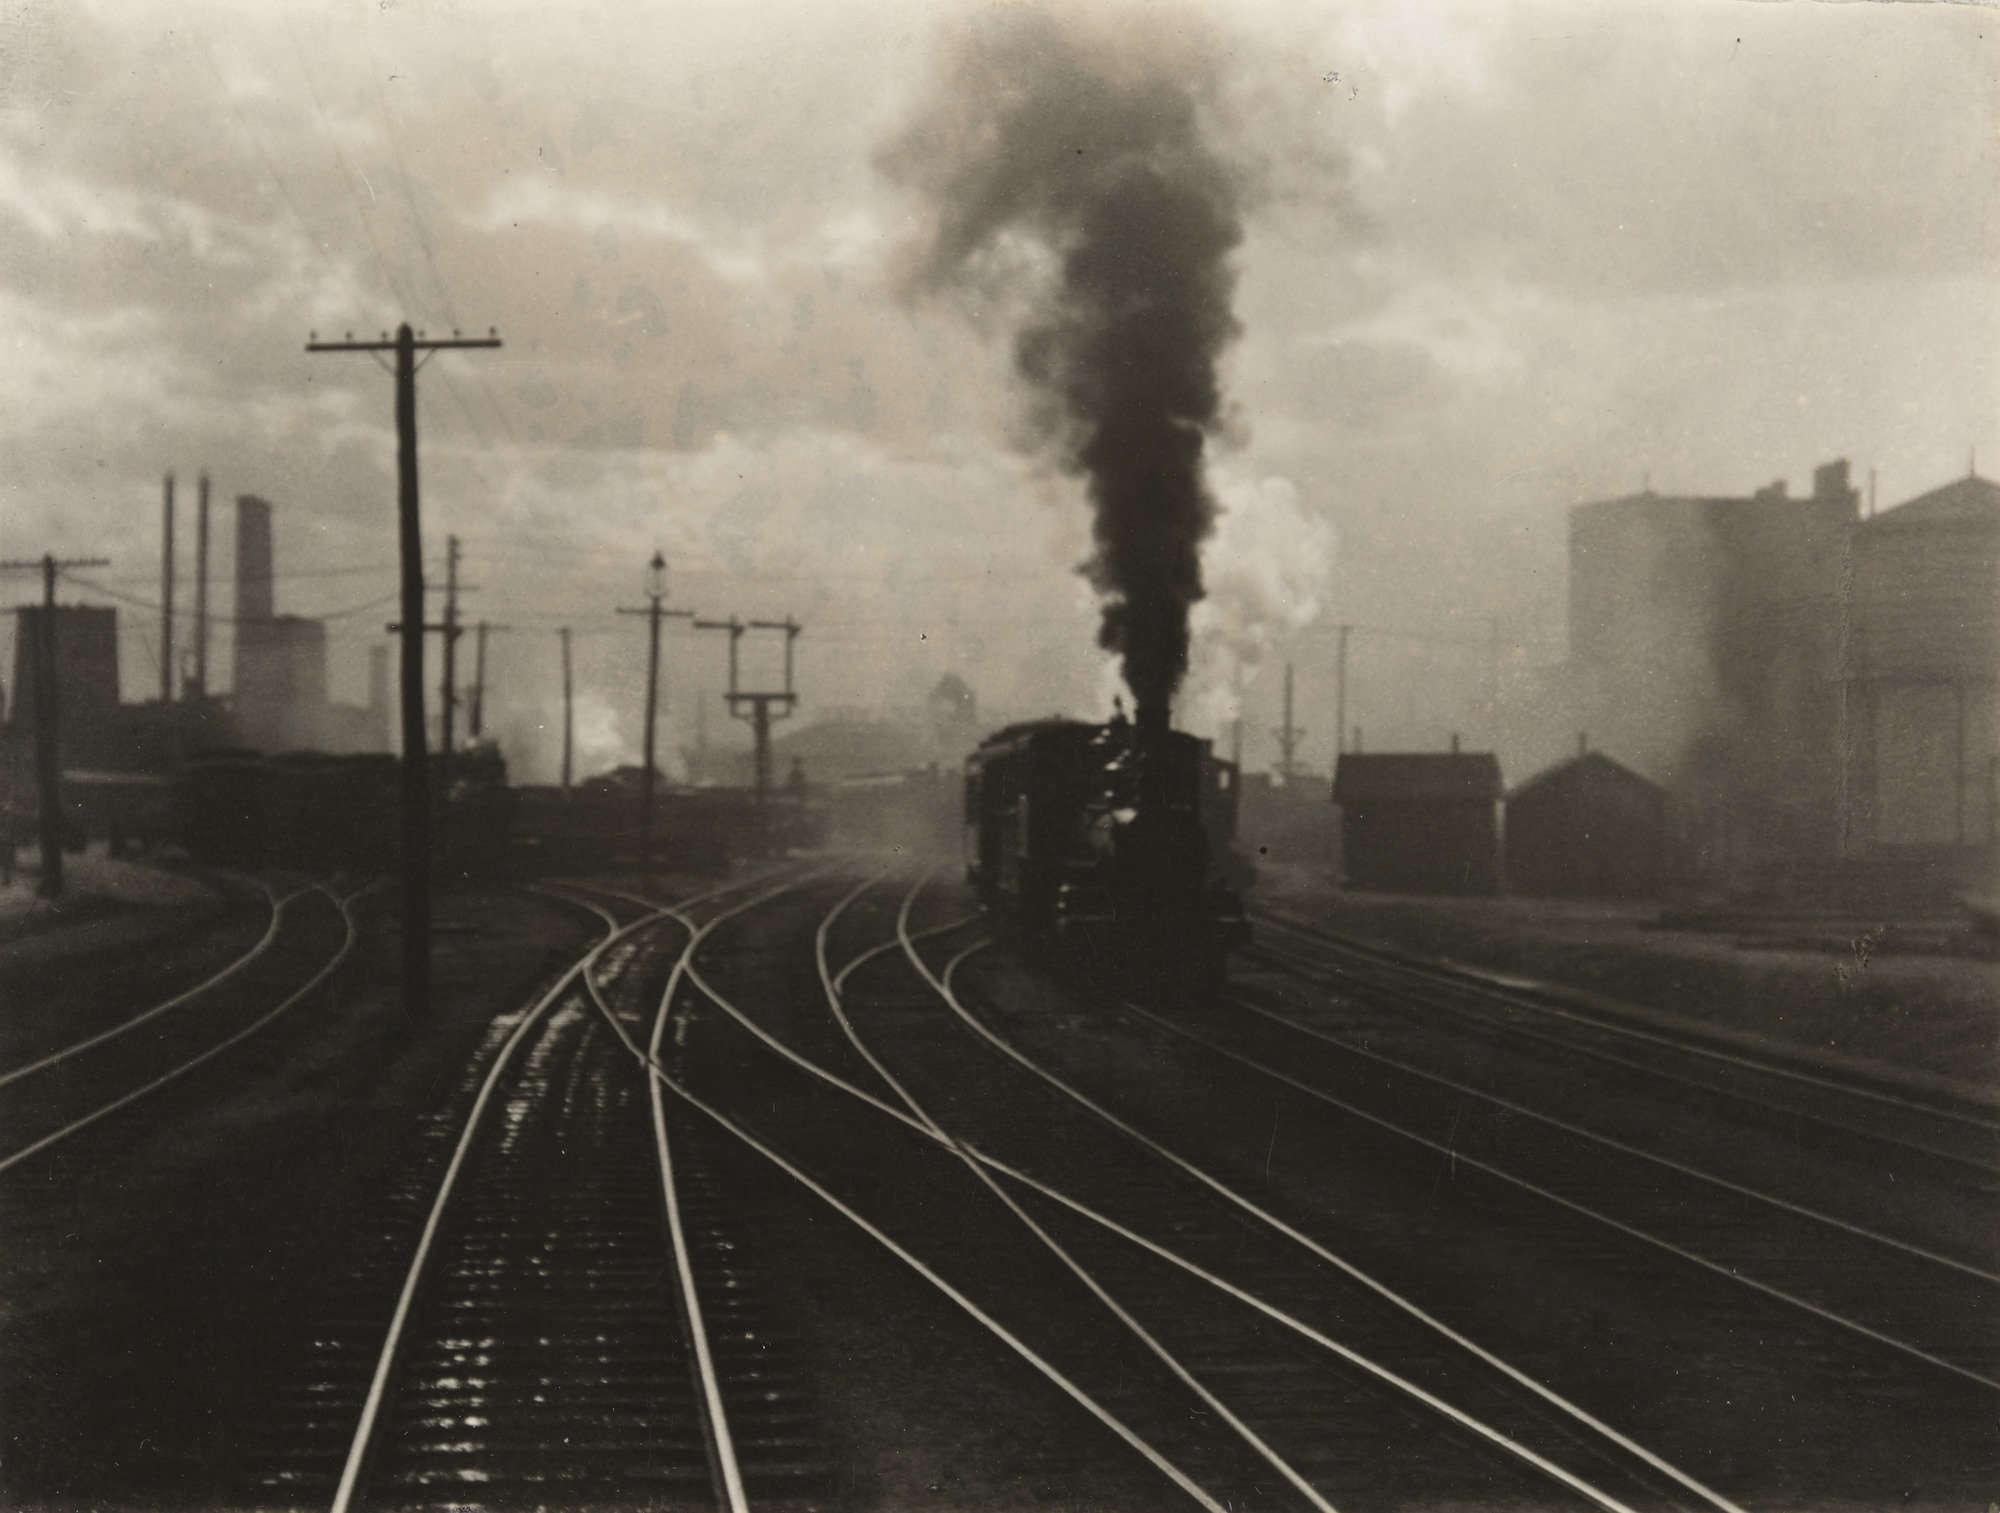 alfred-stieglitz-train